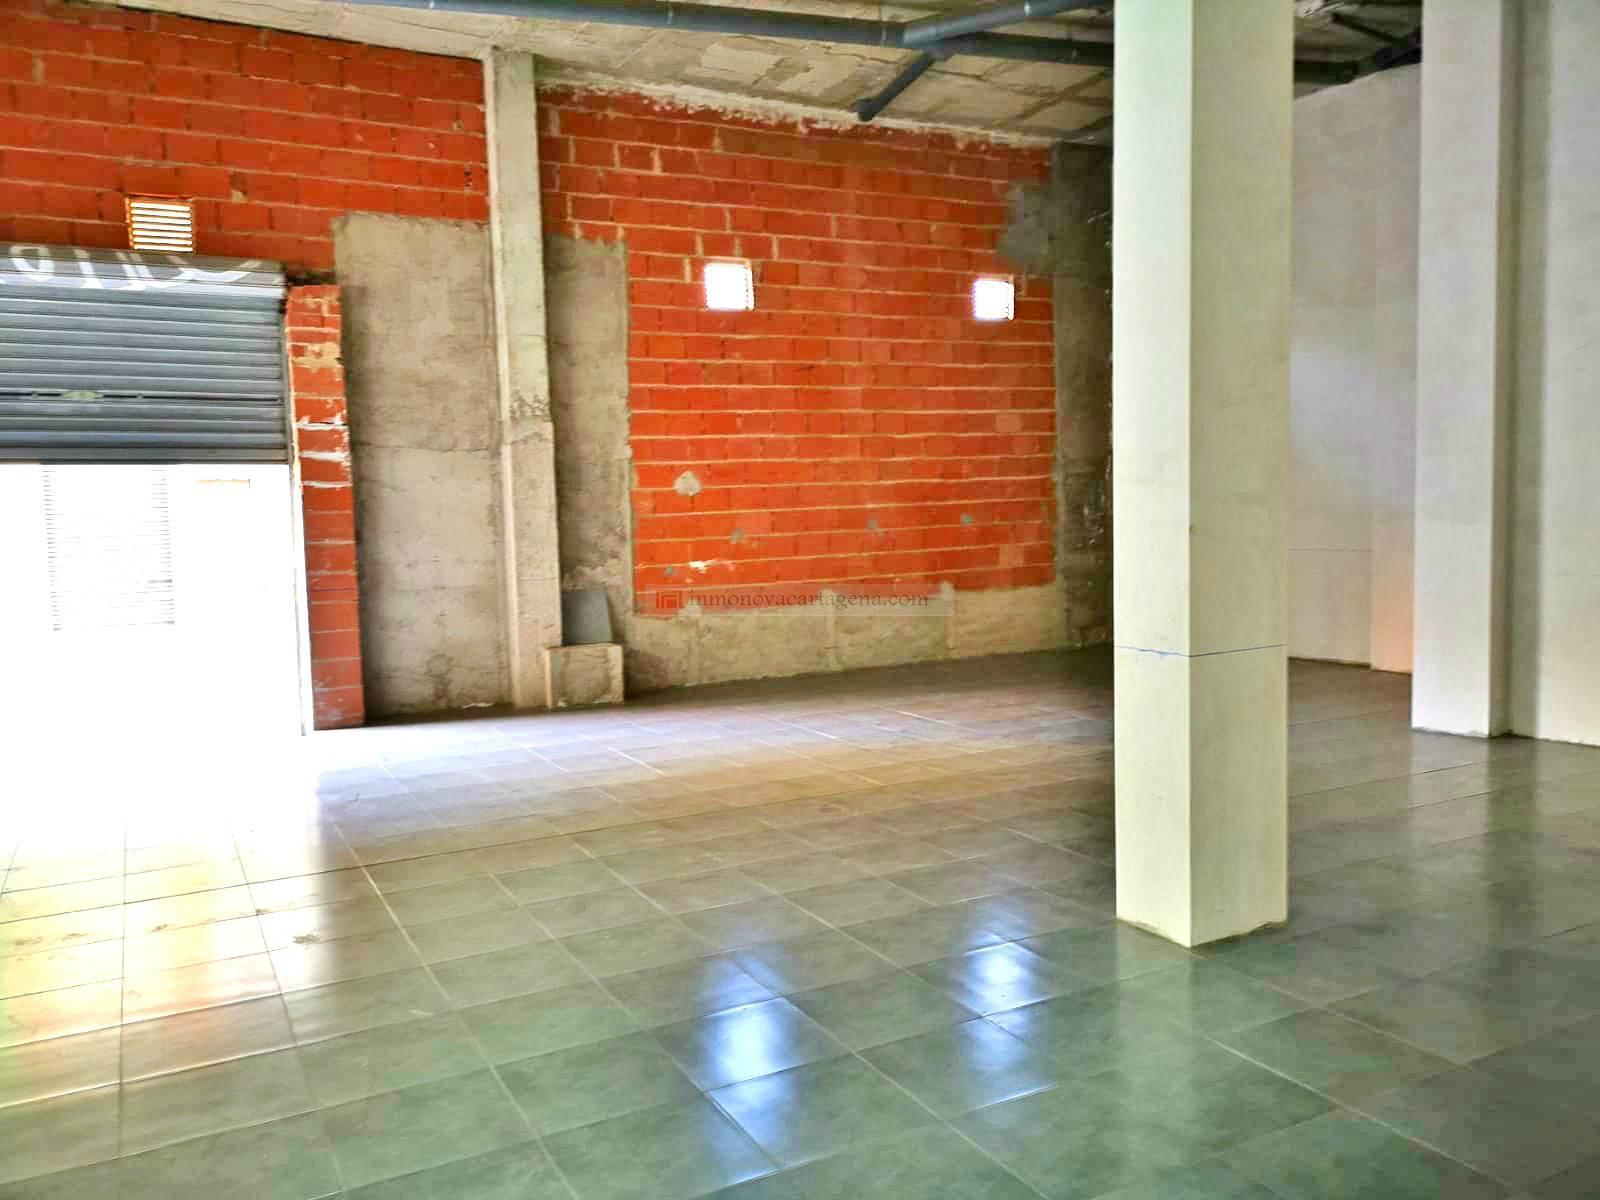 Alquiler de Locales comerciales en BARRIO PERAL